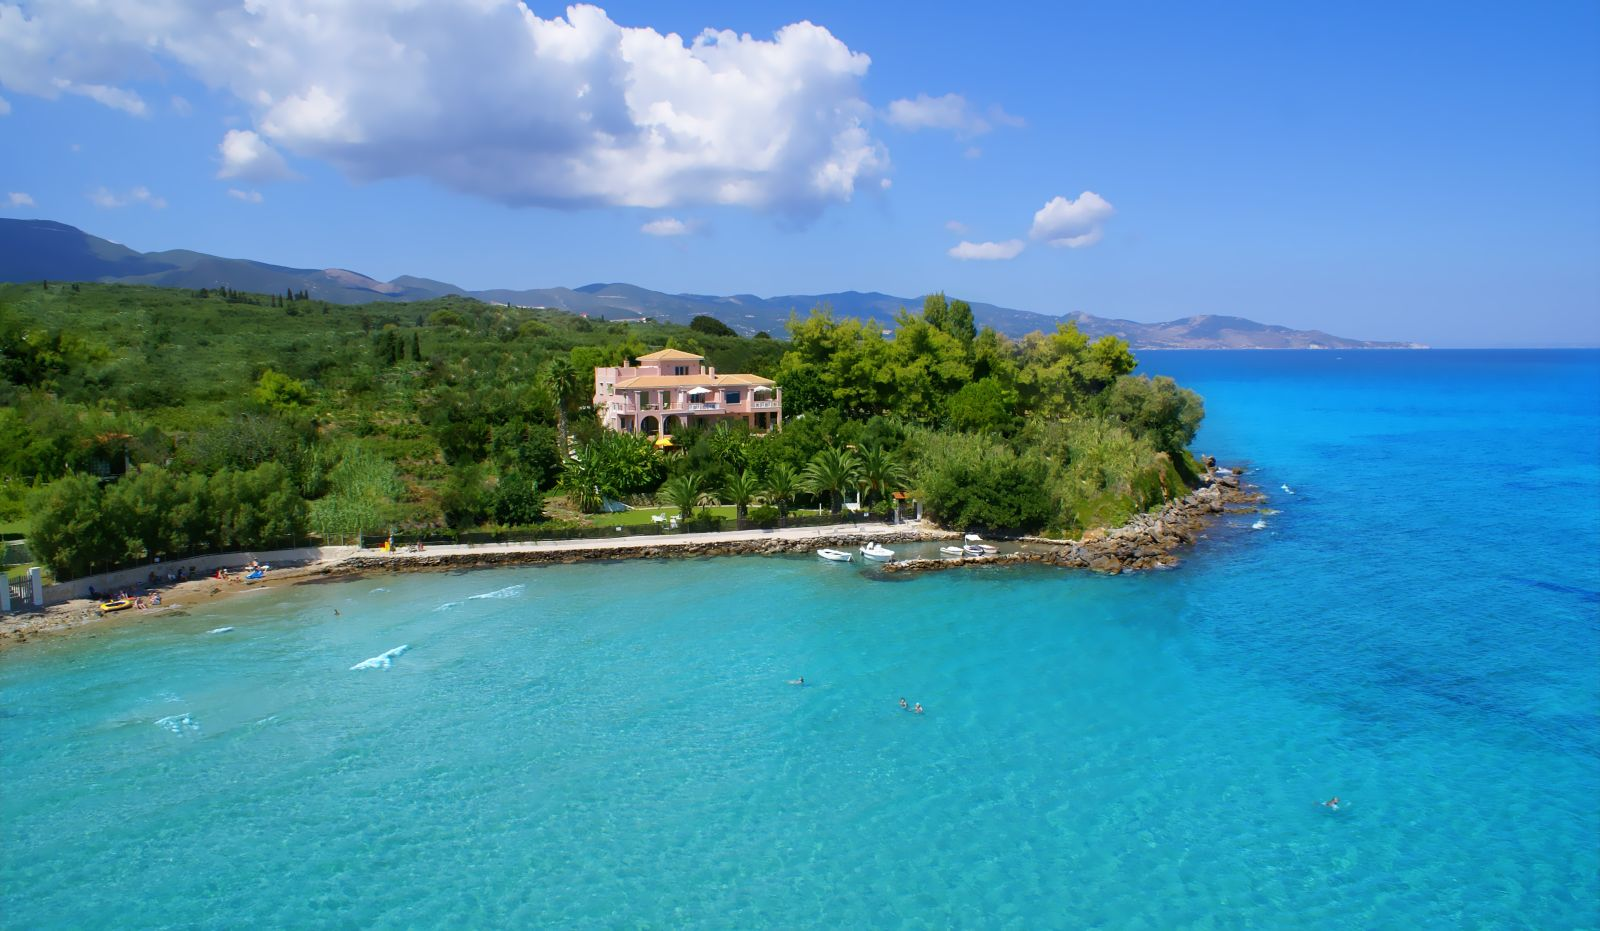 mansão ilha caribe